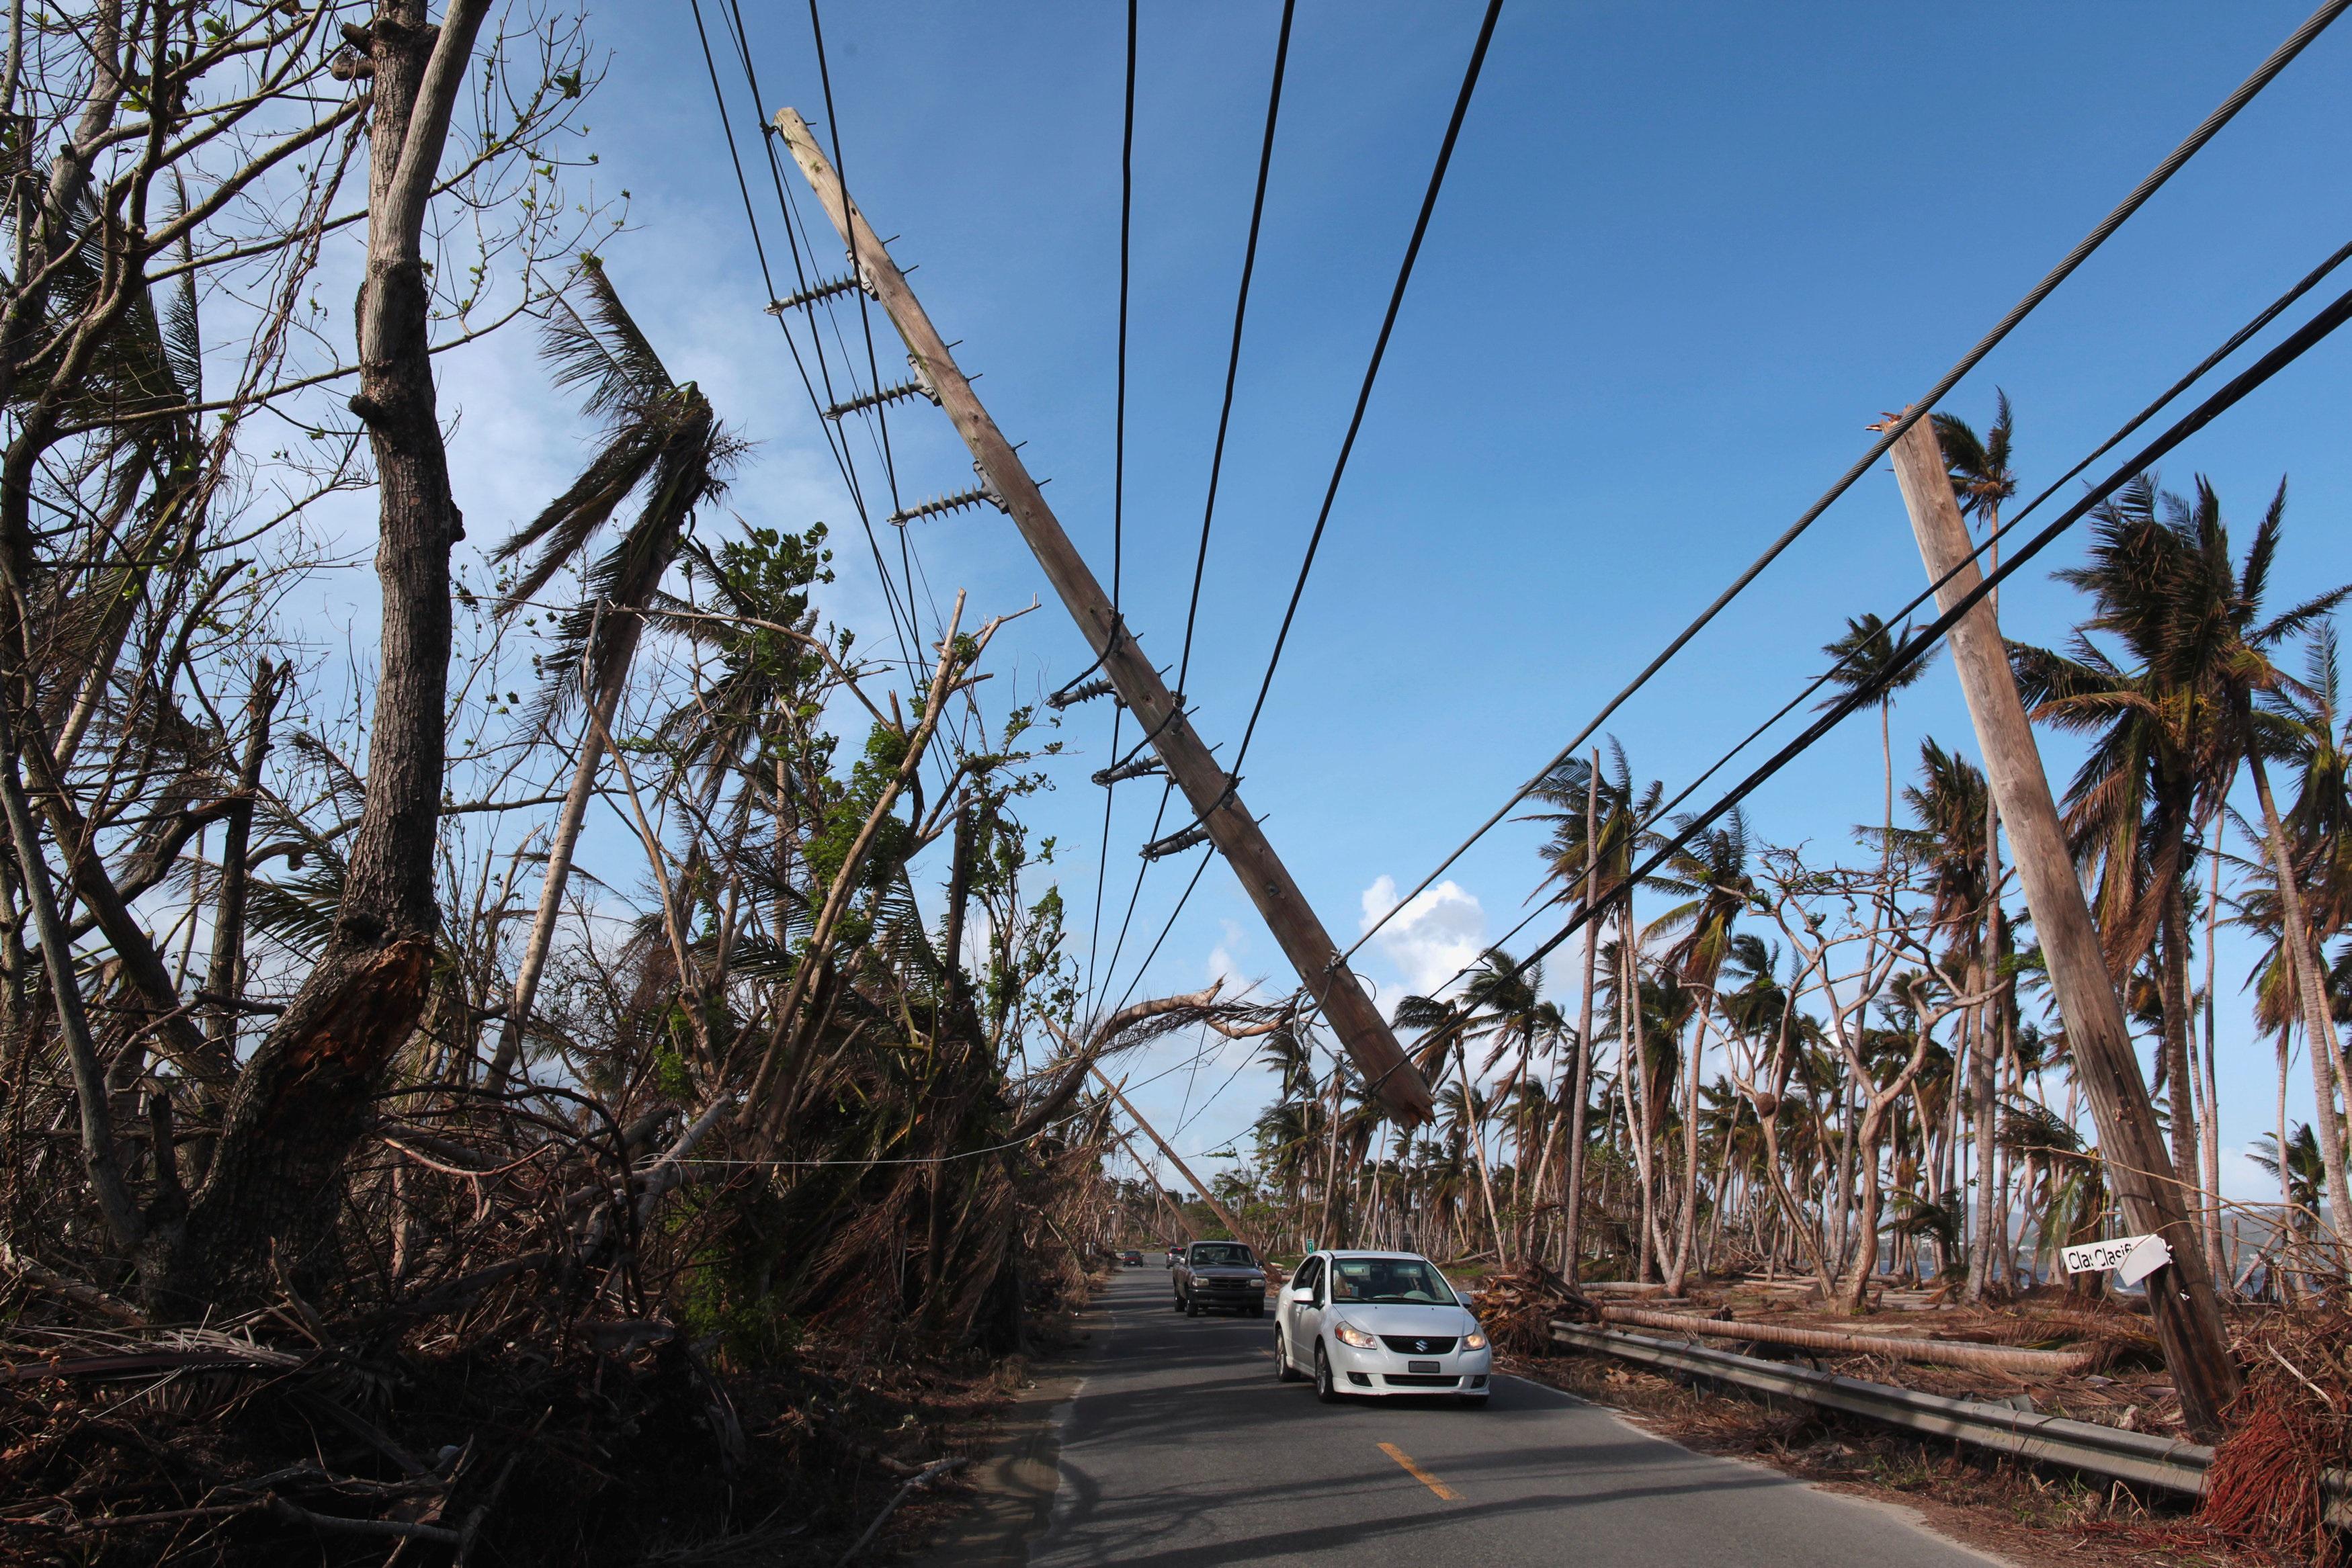 Congreso de EE.UU. aprueba ayuda de 36.500 mdd tras huracanes